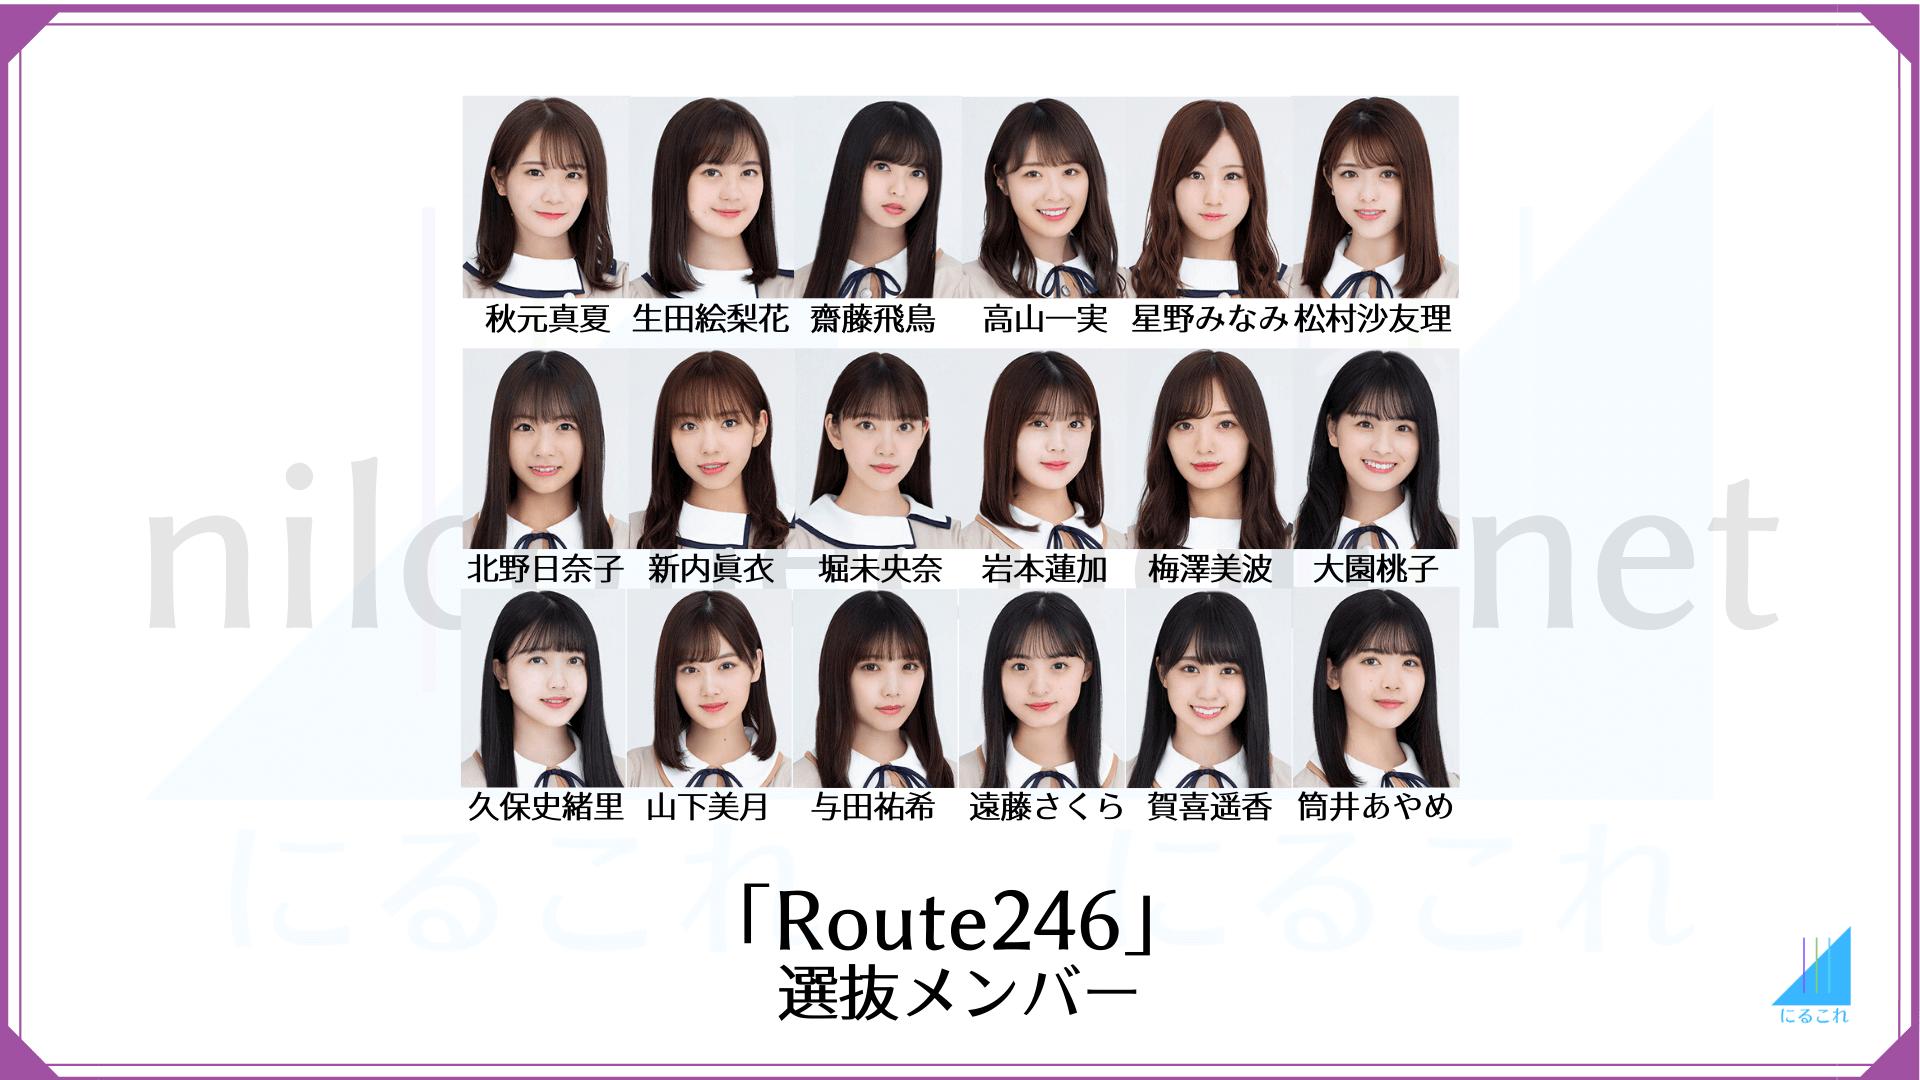 乃木坂46 「Route246」の選抜メンバー